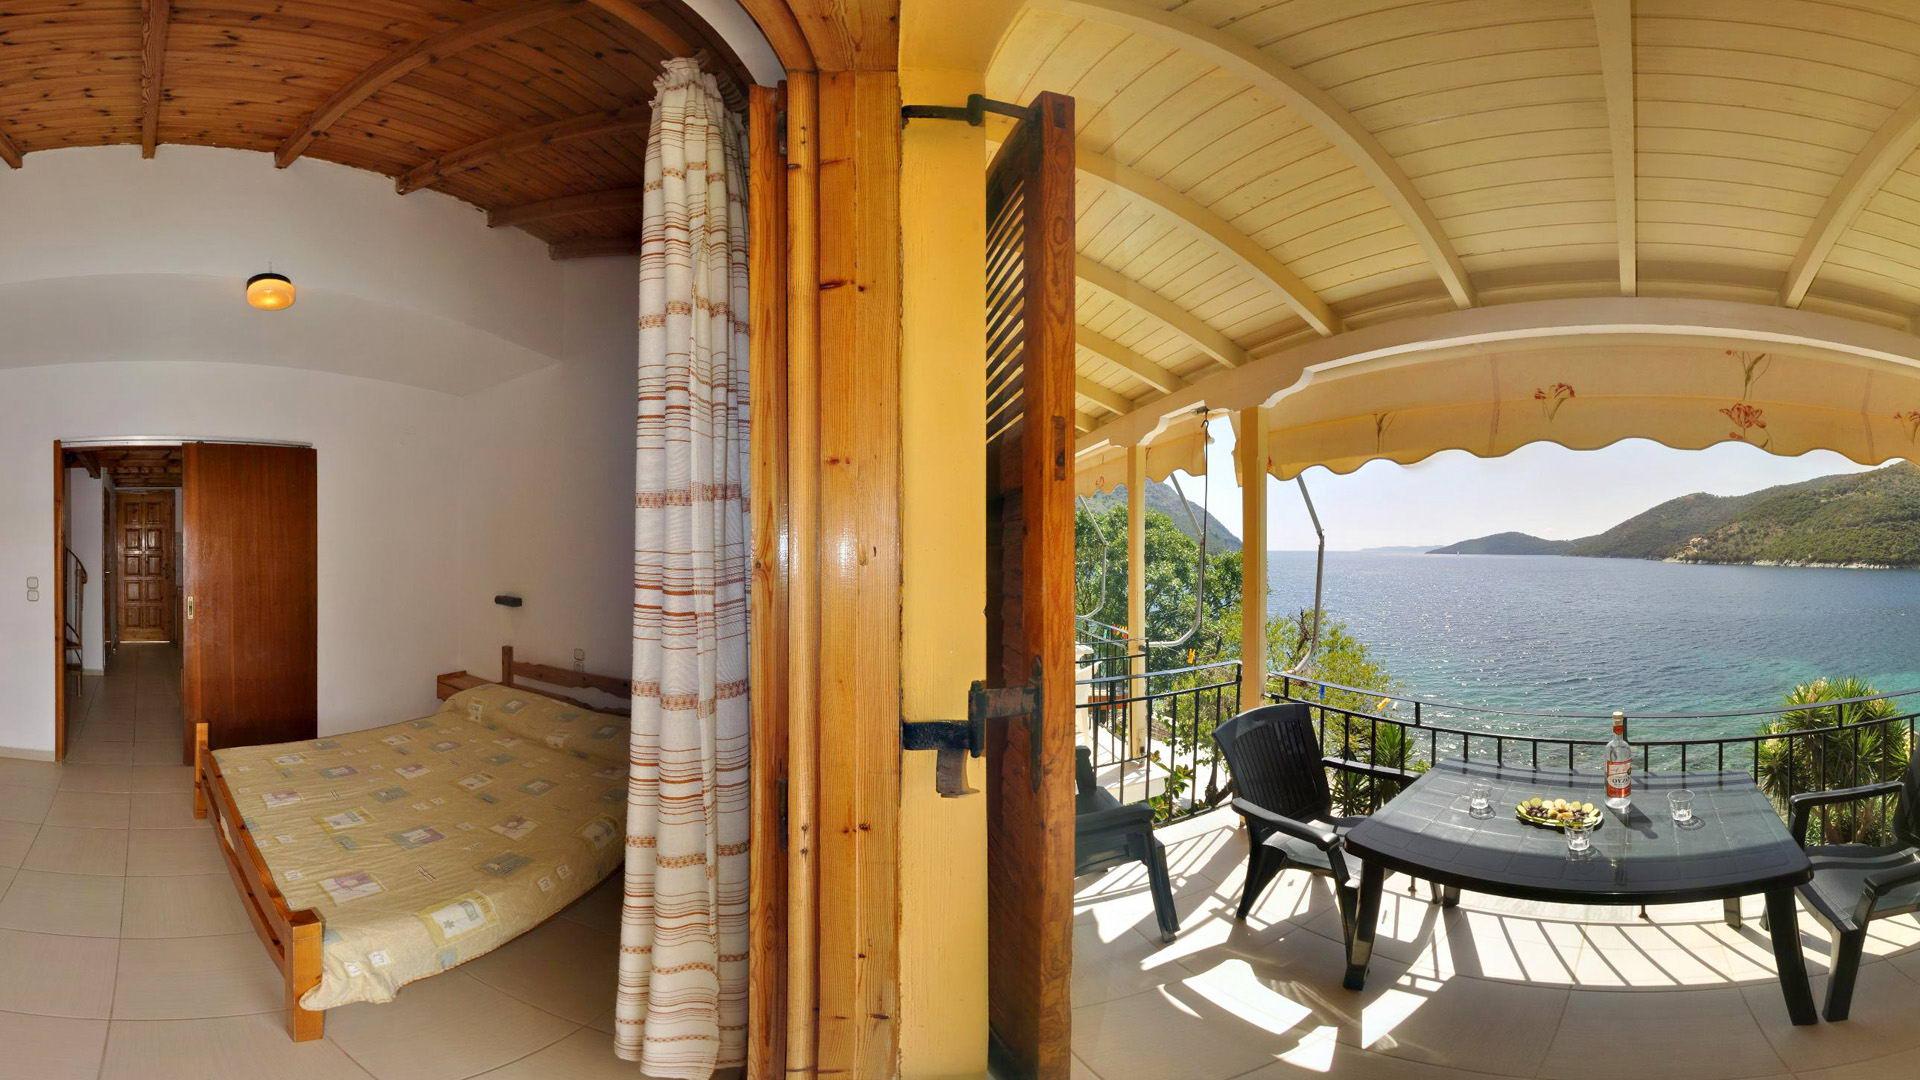 zante_05_balcony